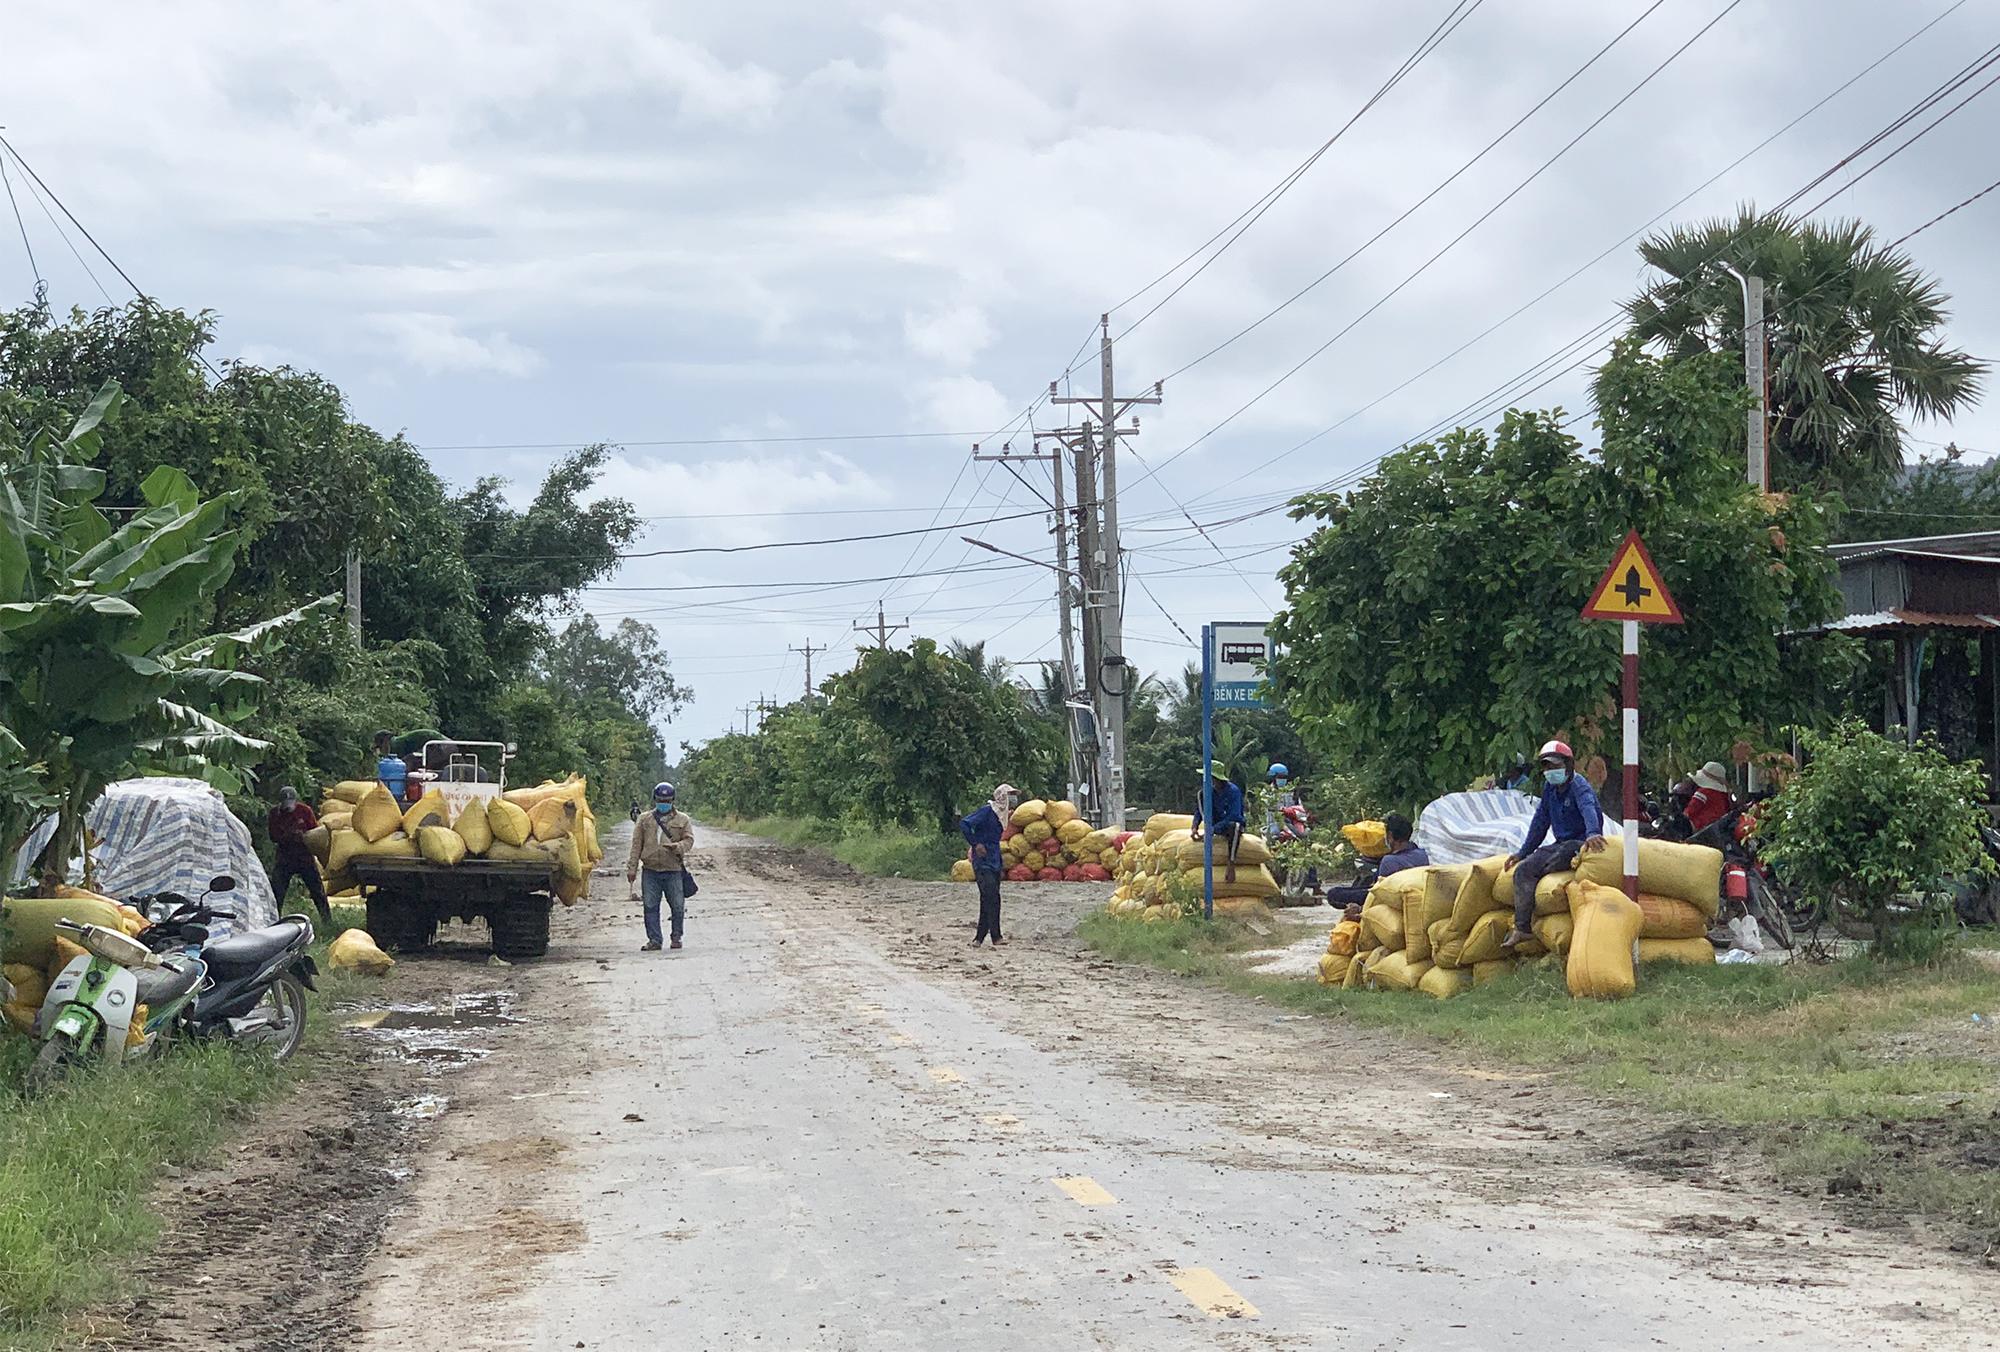 Lúa được chất ở đường chờ đưa đi tiêu thụ. Ảnh: Văn Nguyễn